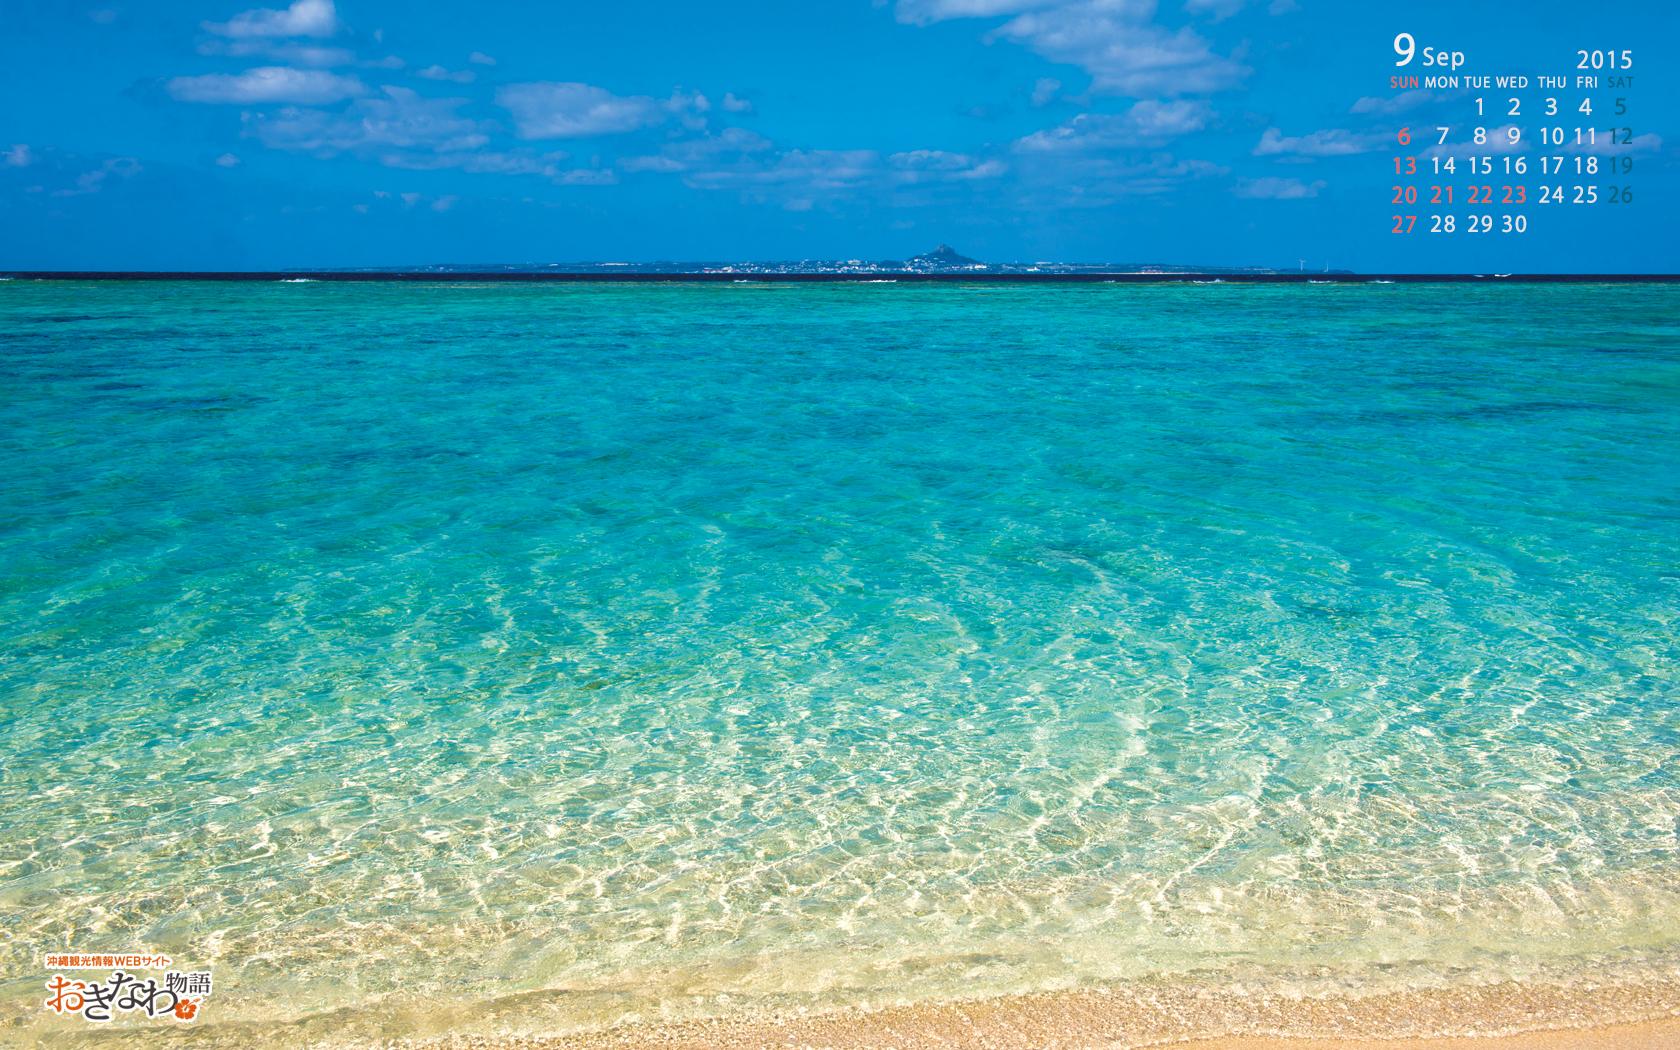 9月の壁紙カレンダー お知らせ トピックス 沖縄観光情報webサイト おきなわ物語